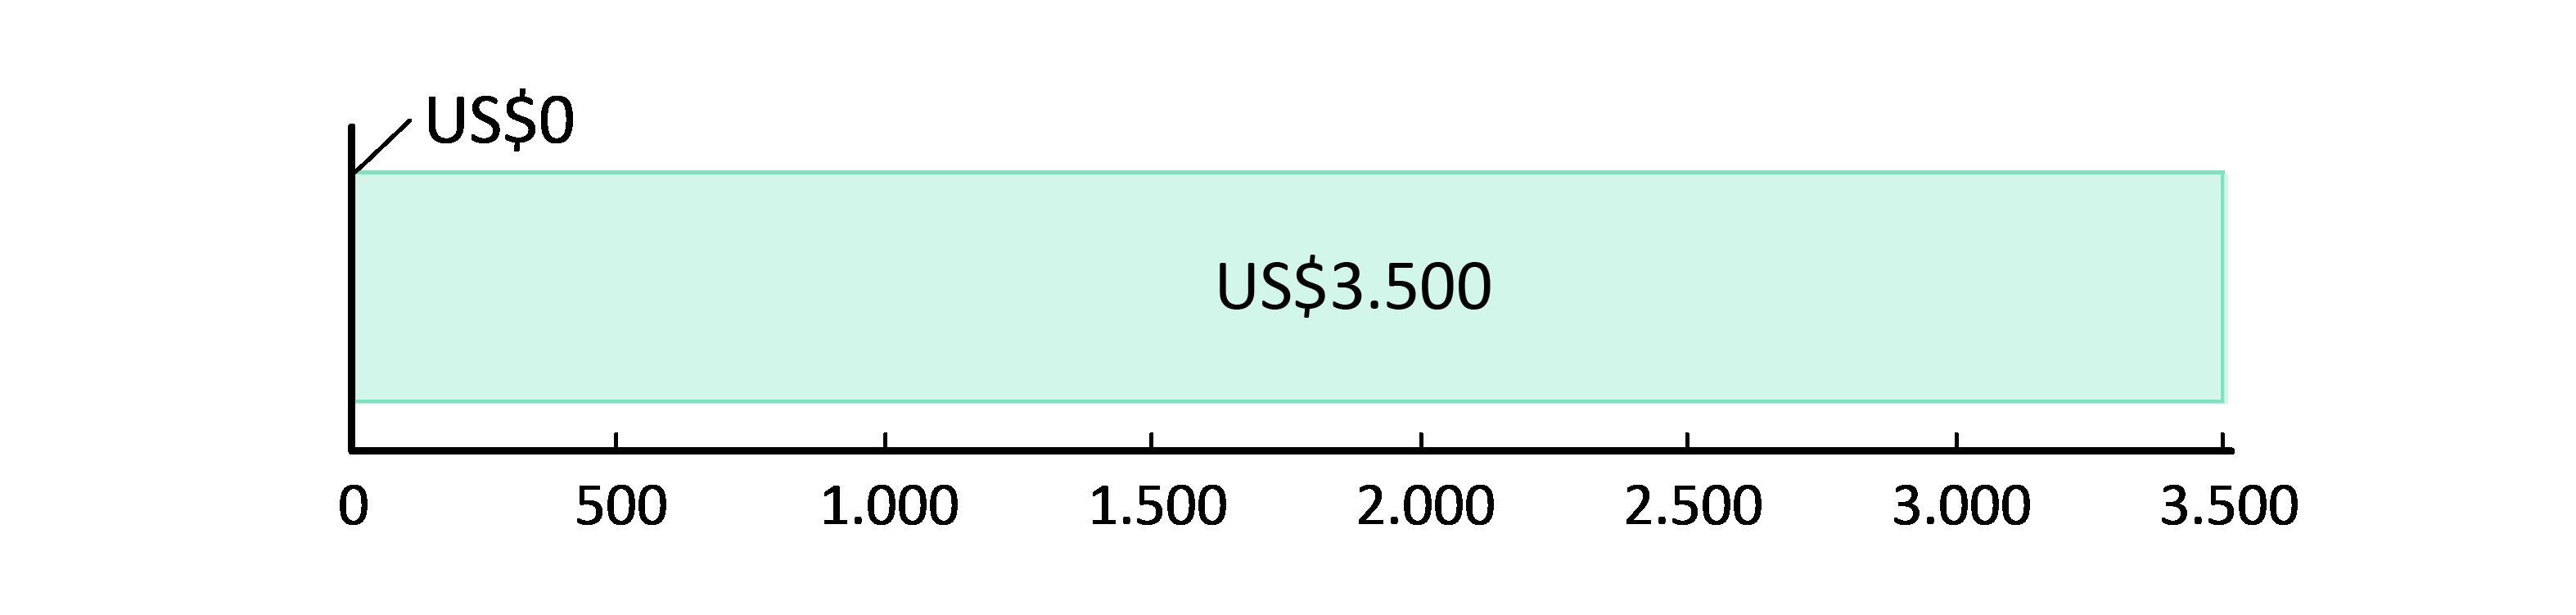 US$0 fueron usados; US$3.500 restan